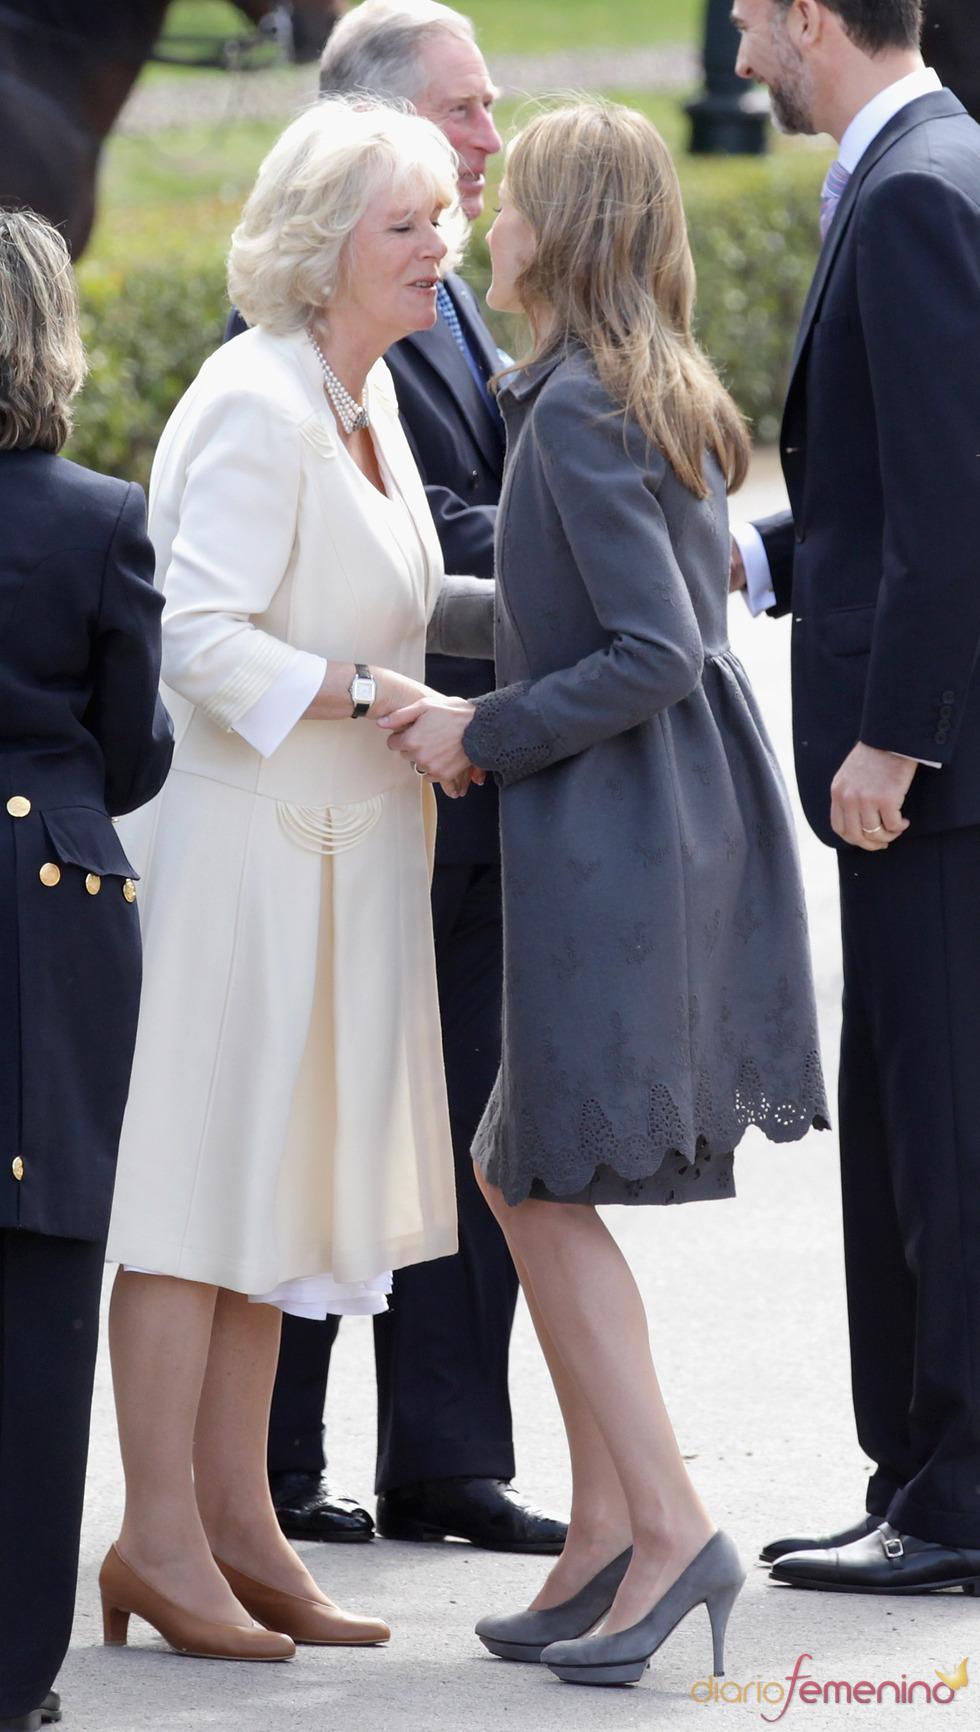 La Princesa Letizia saluda a Camilla Parker Bowles